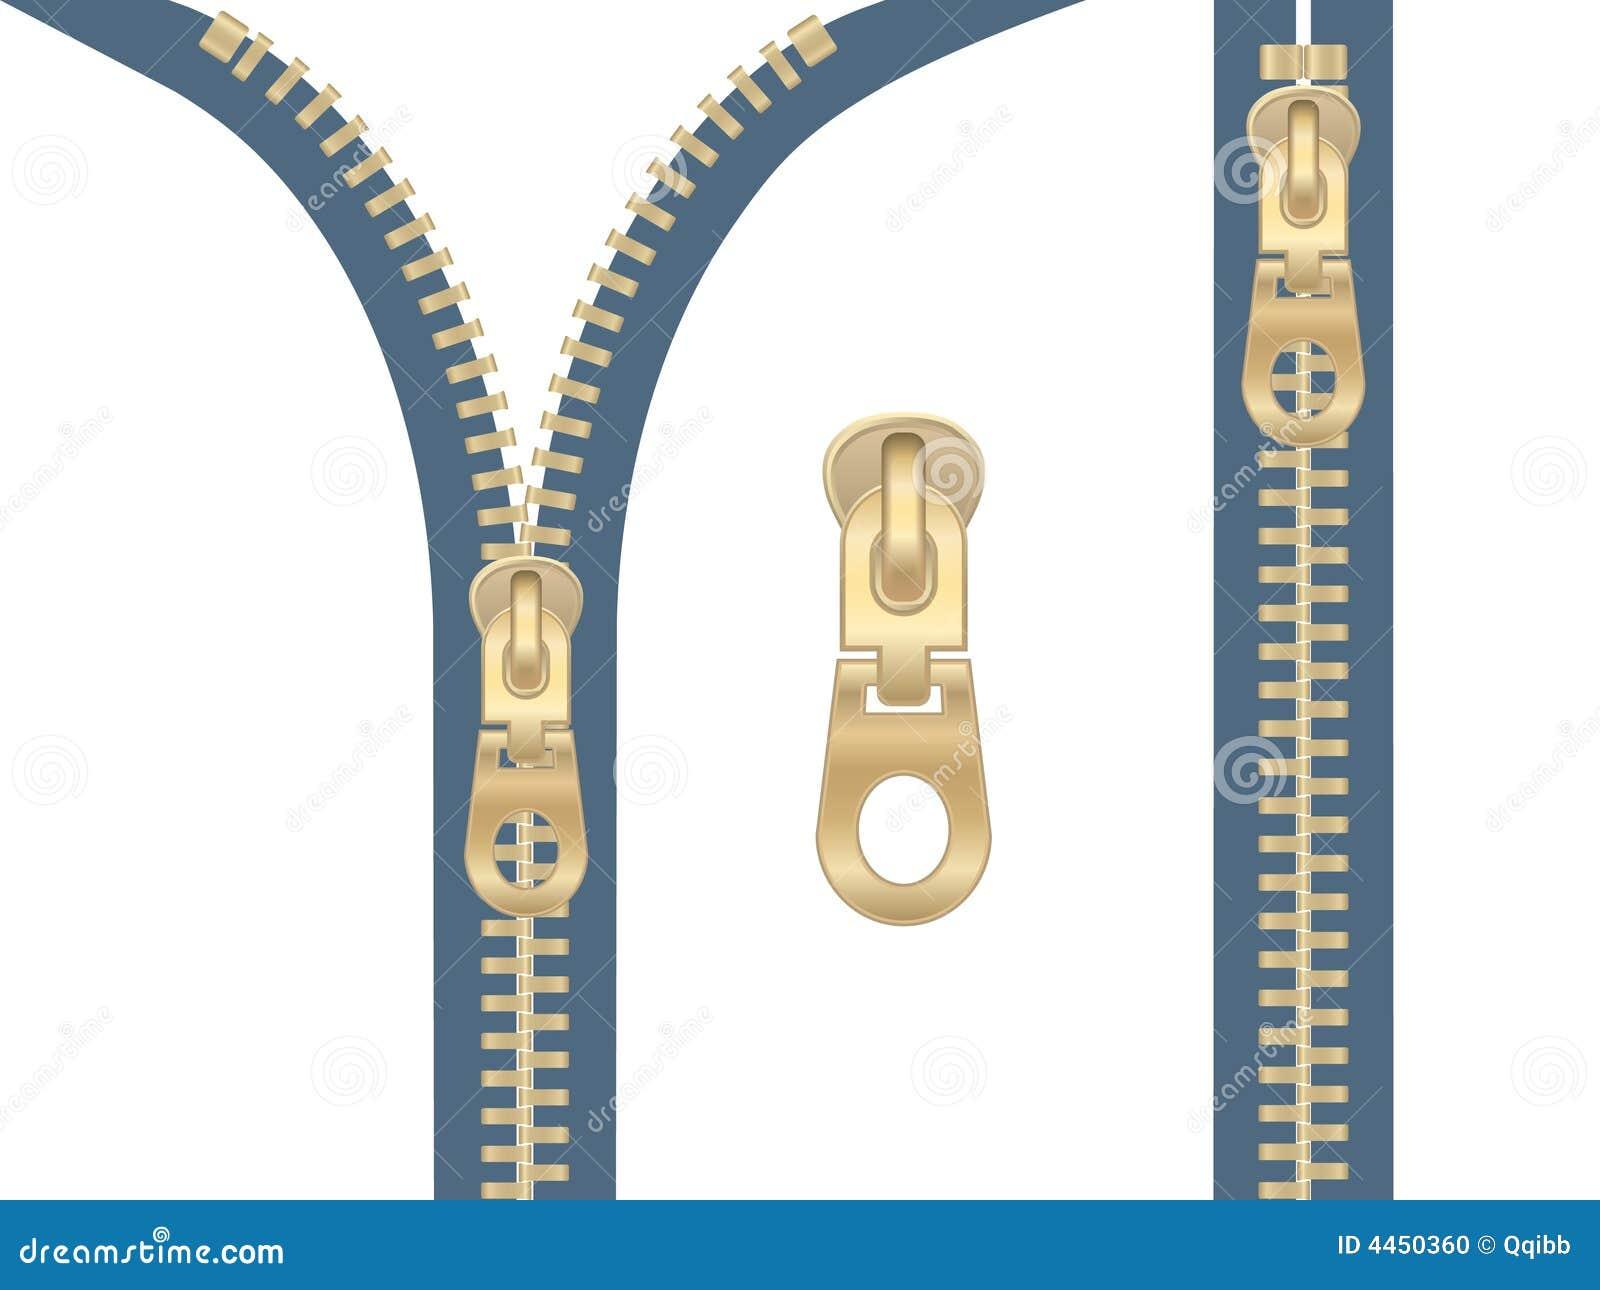 Vector Drawing Lines Zip : Clip art of metal zipper stock vector illustration